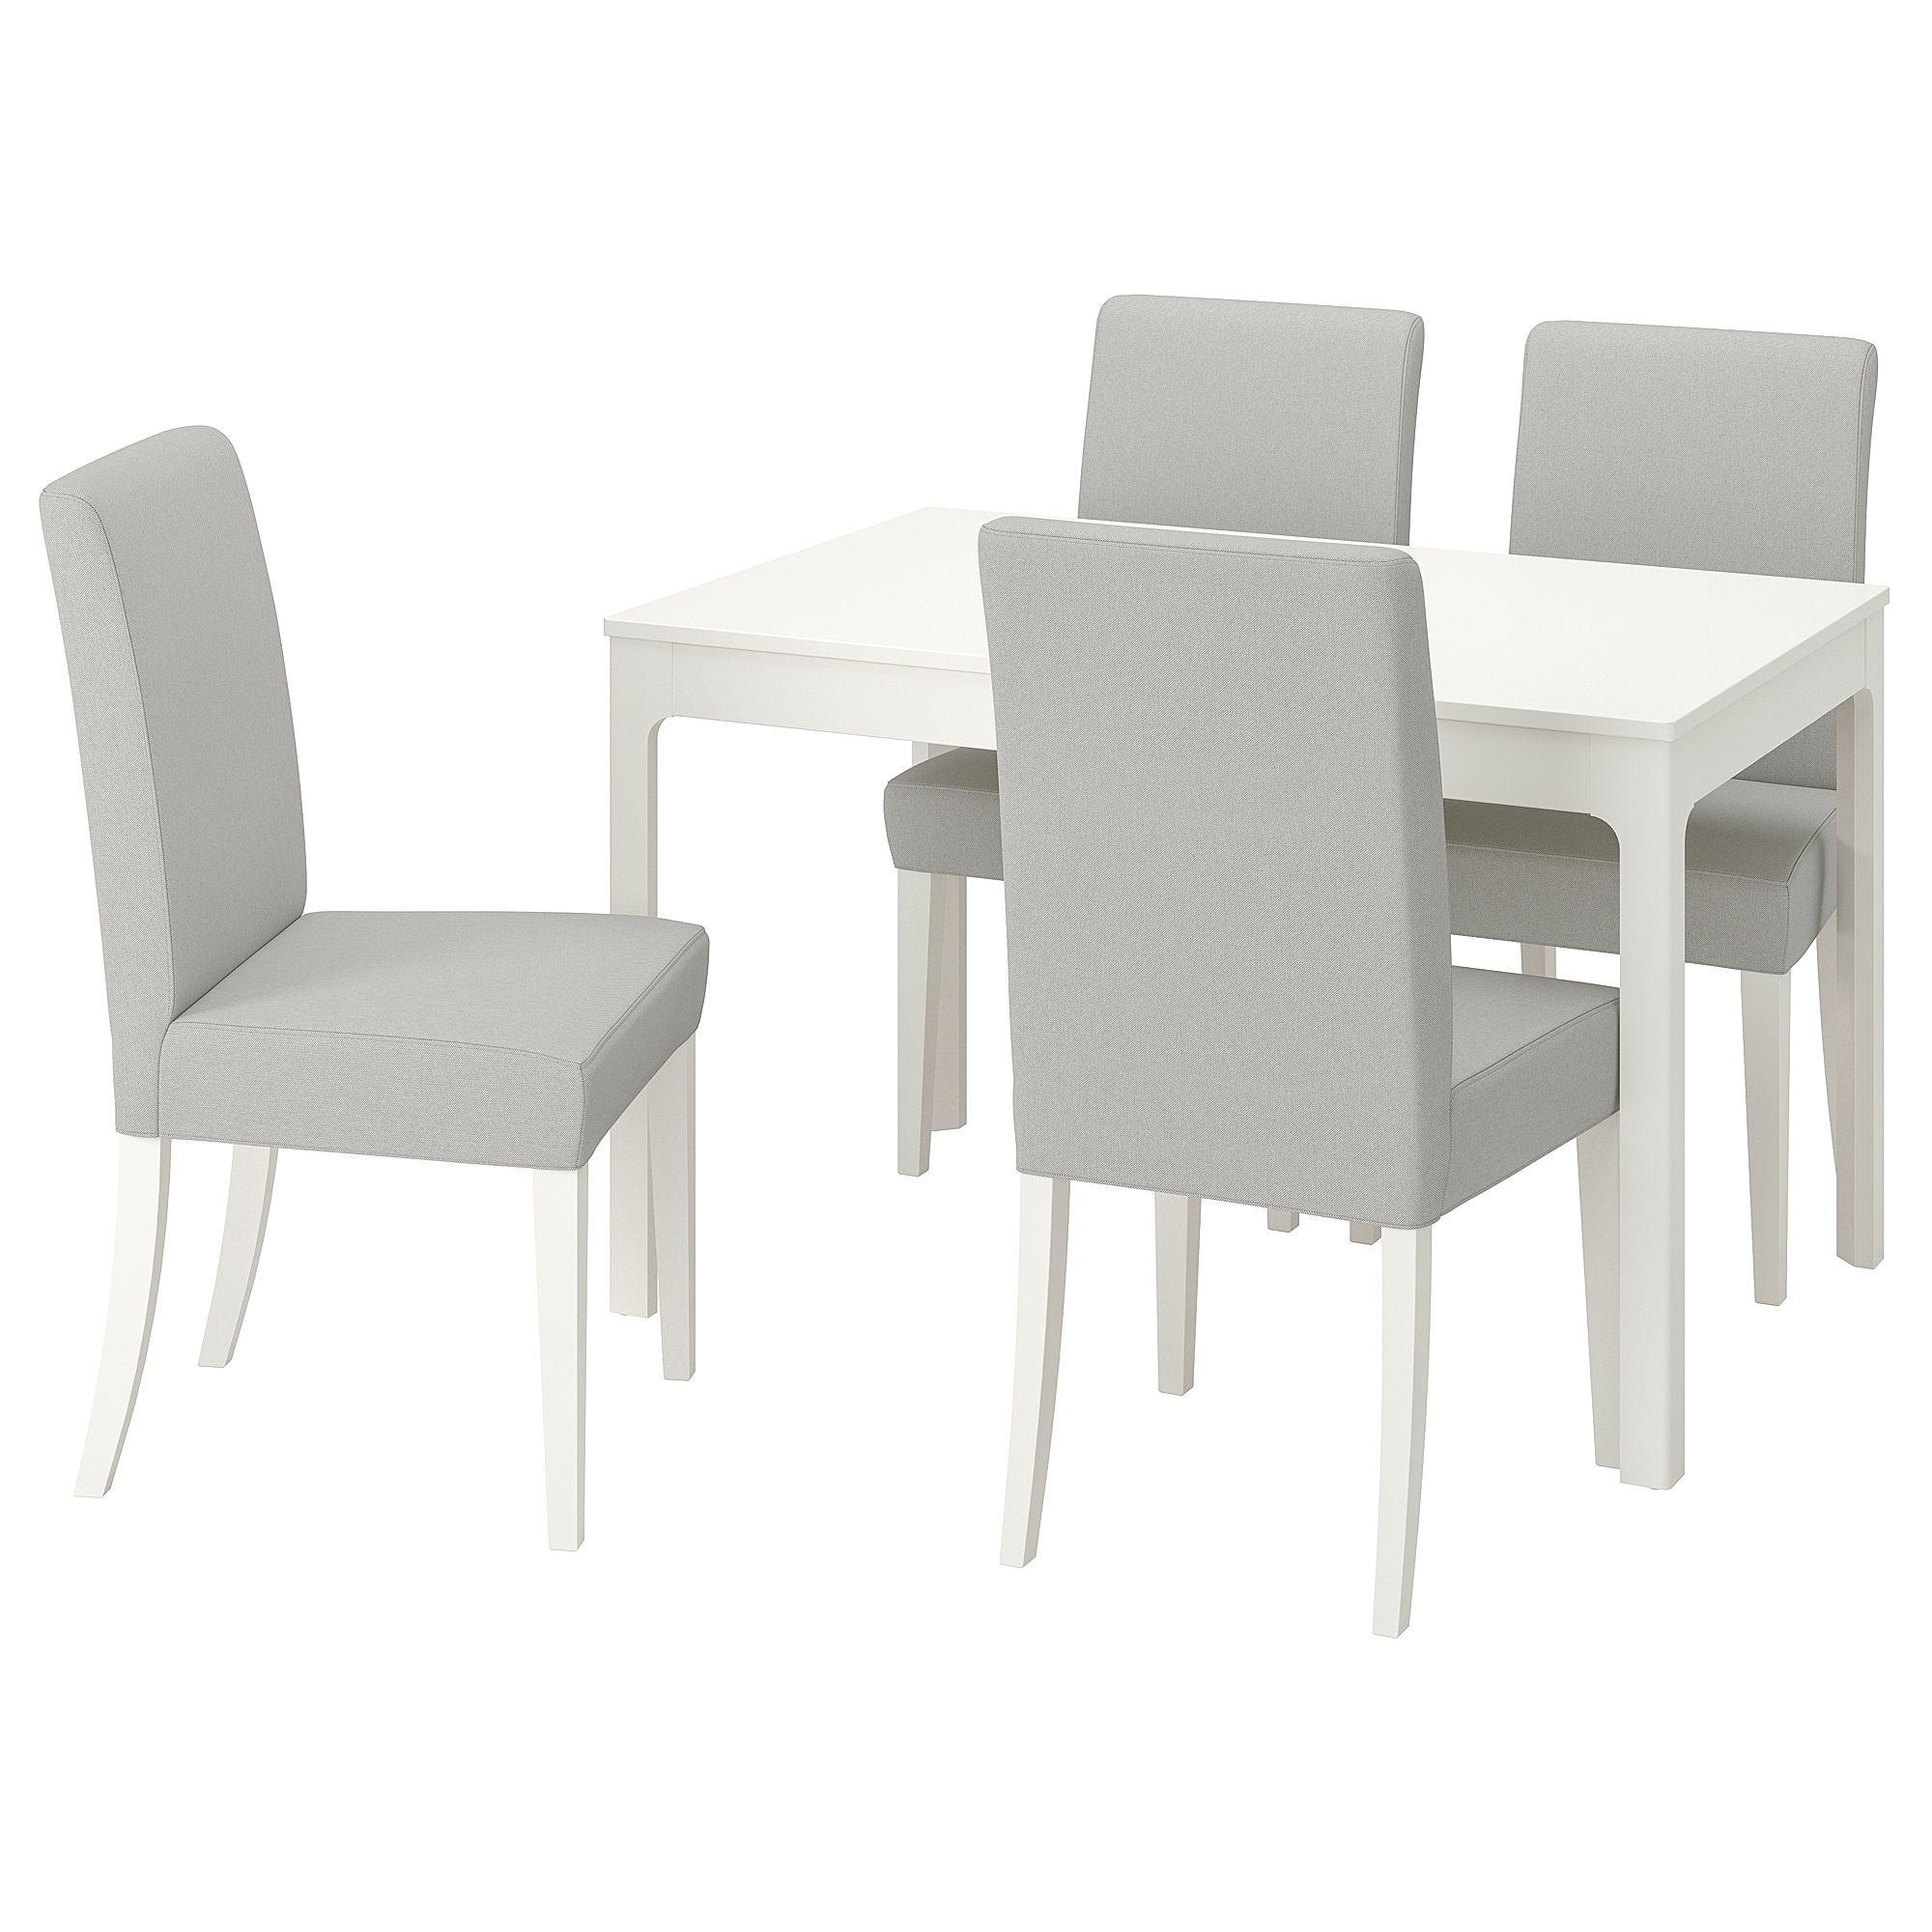 IKEA EKEDALEN / HENRIKSDAL White, Orrsta Light Gray Table